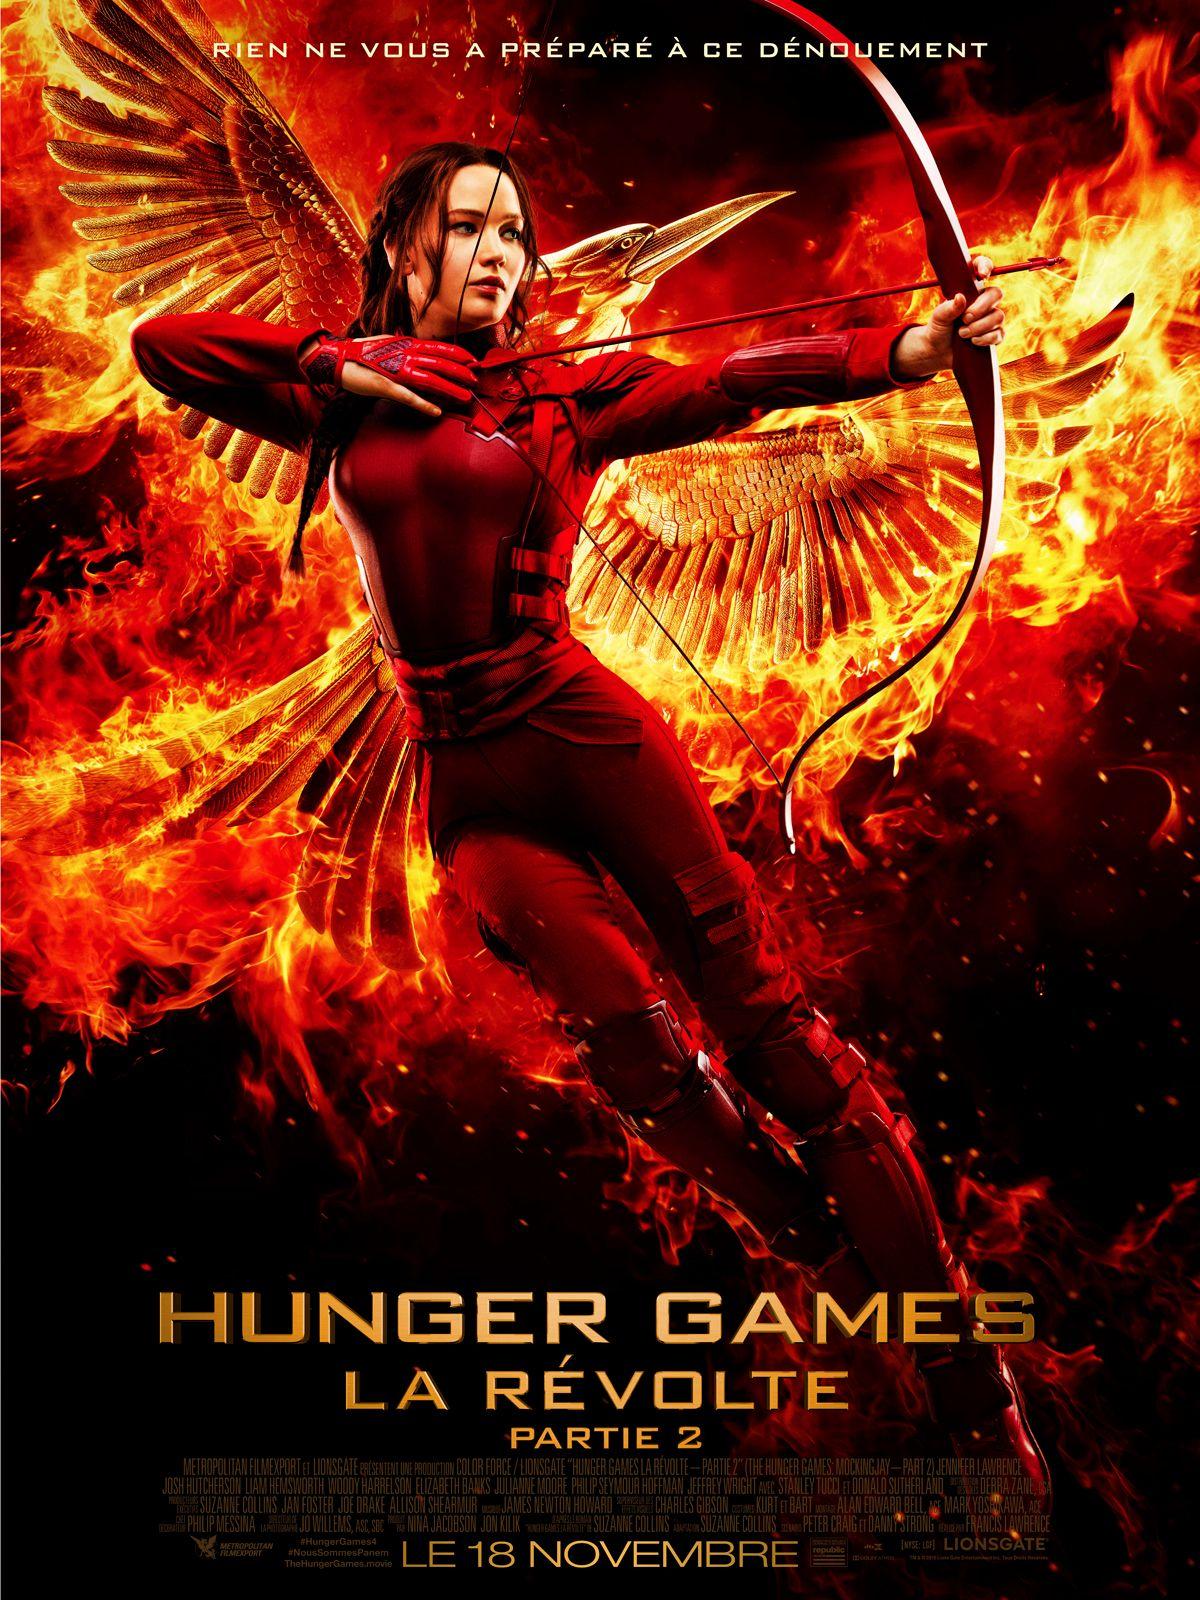 Hunger Games – La Révolte : Partie 2 dévoile son affiche définitive ! #presidents